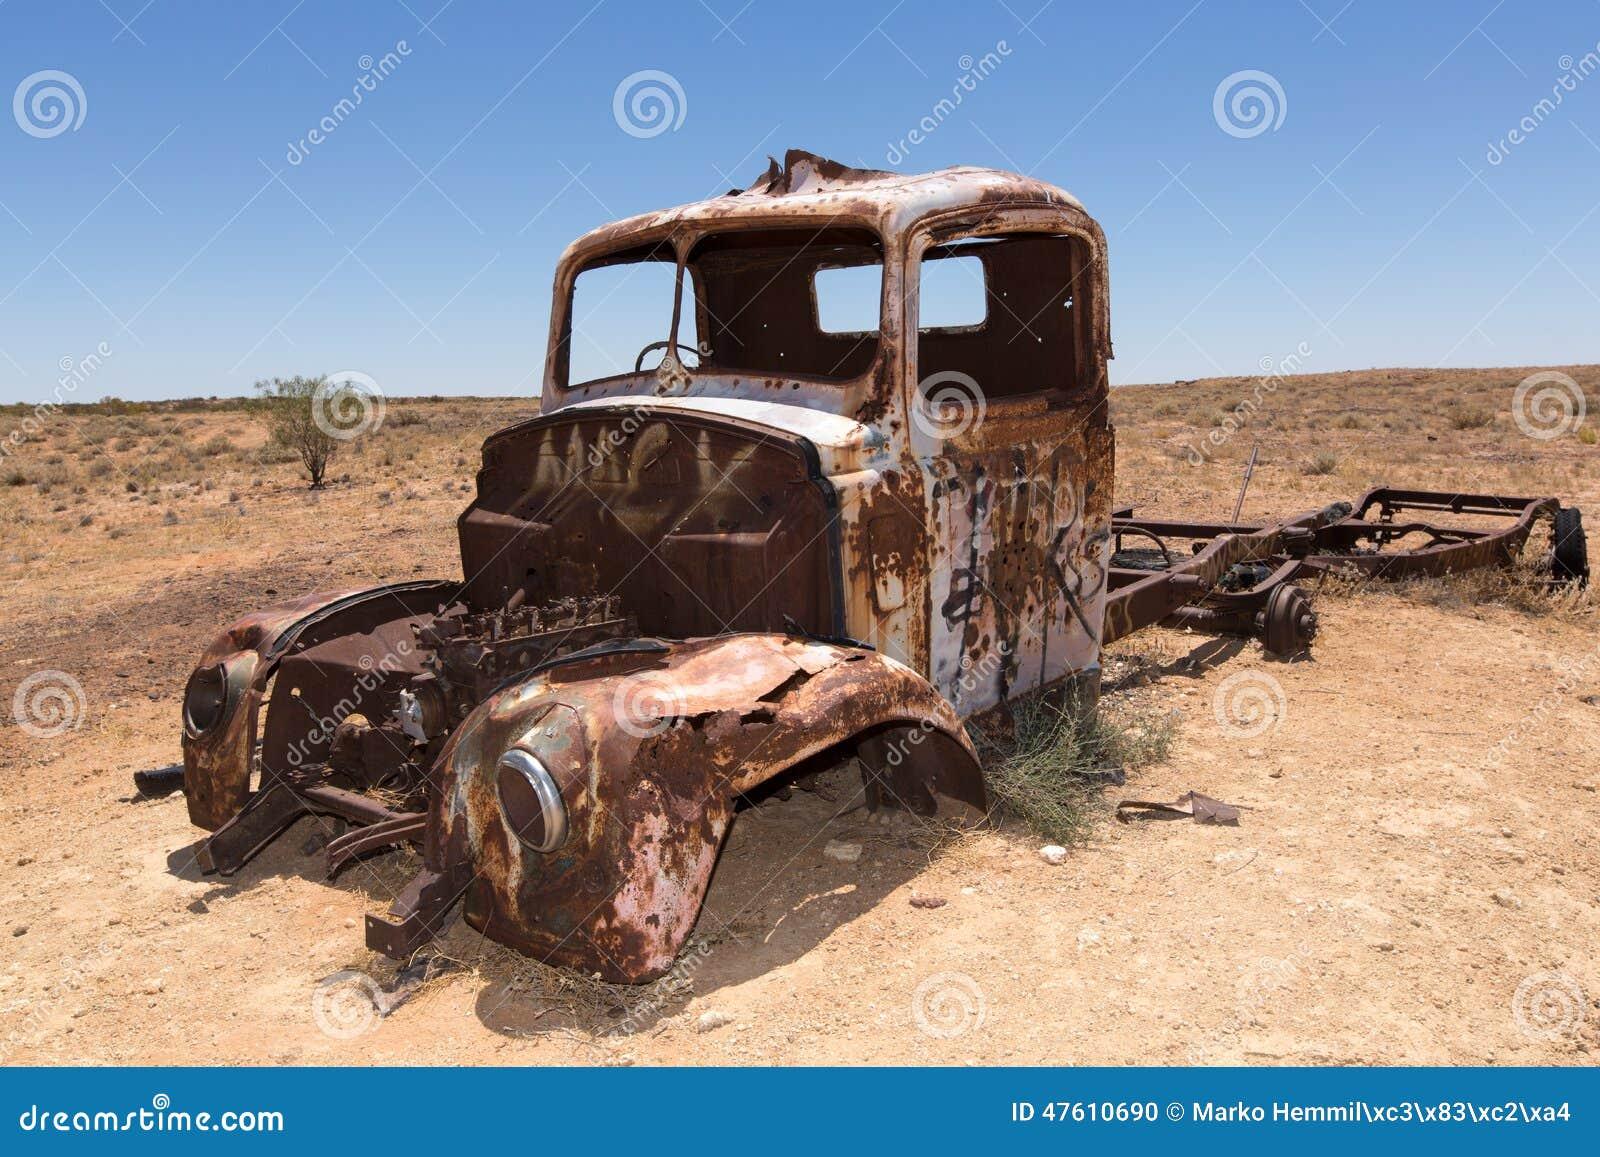 Roestige oude vrachtwagen in woestijn